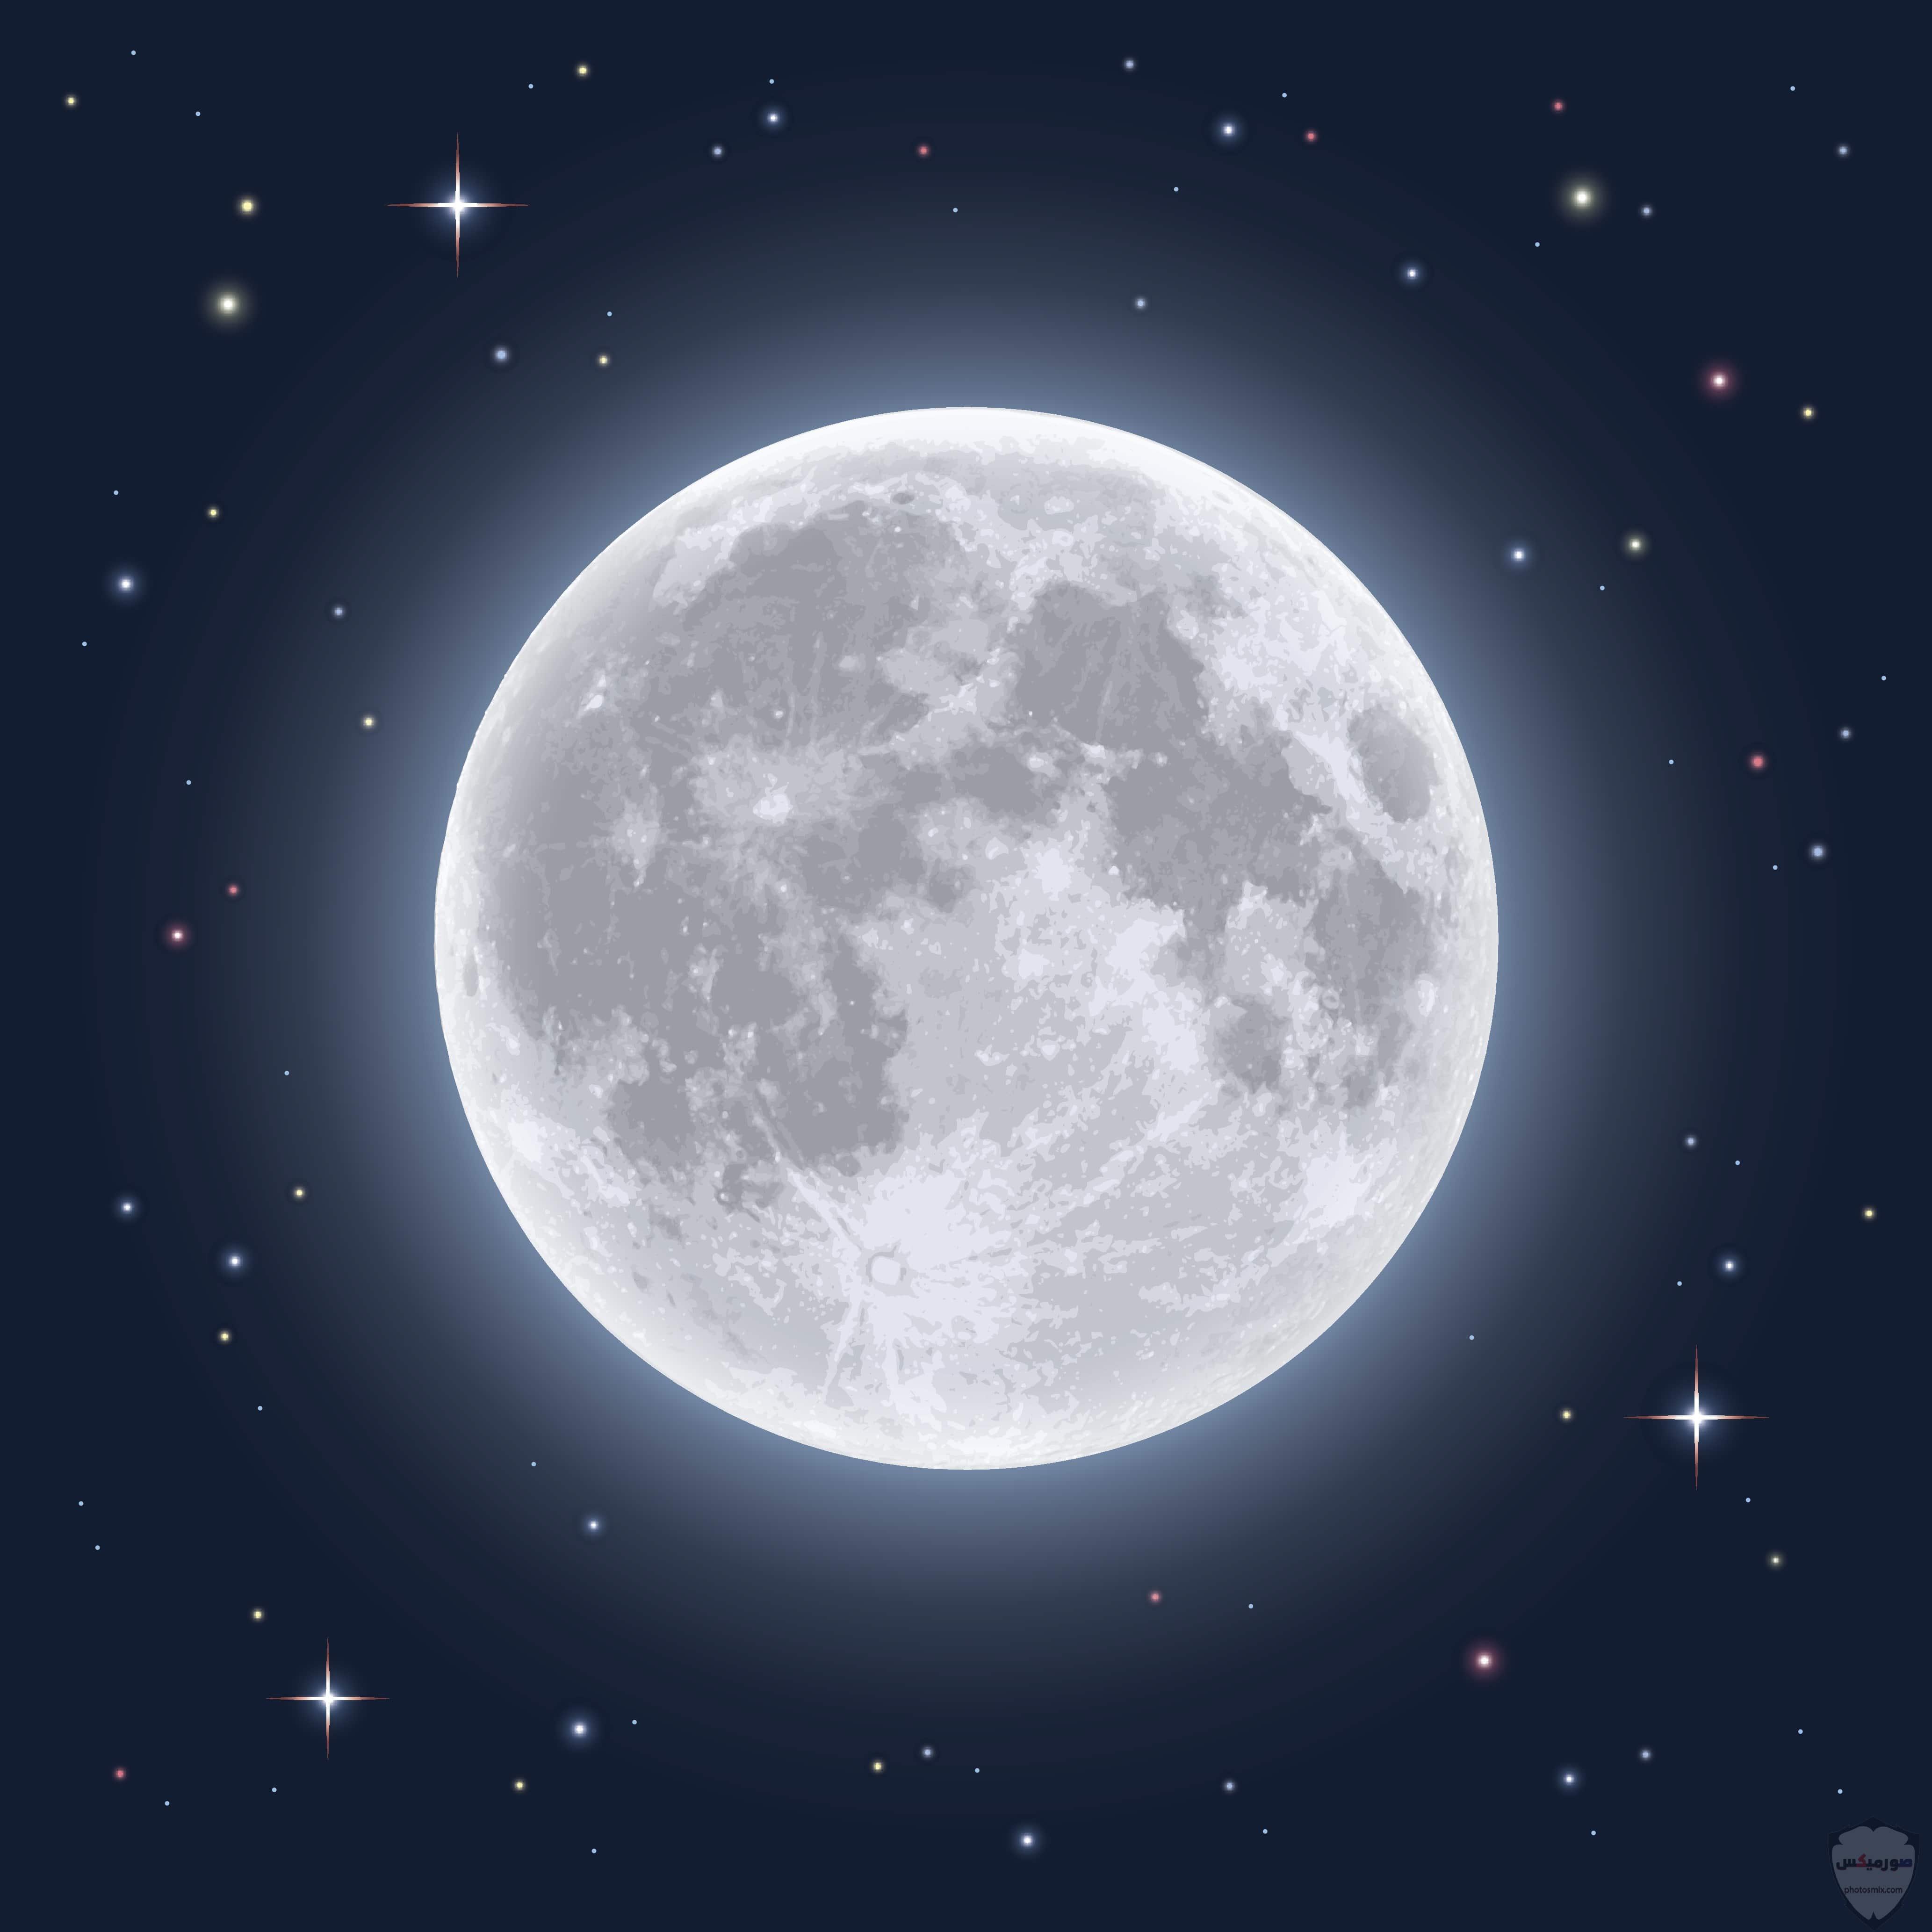 والنجوم خلفيات قمر للايفون خلفيات ضوء القمر 8